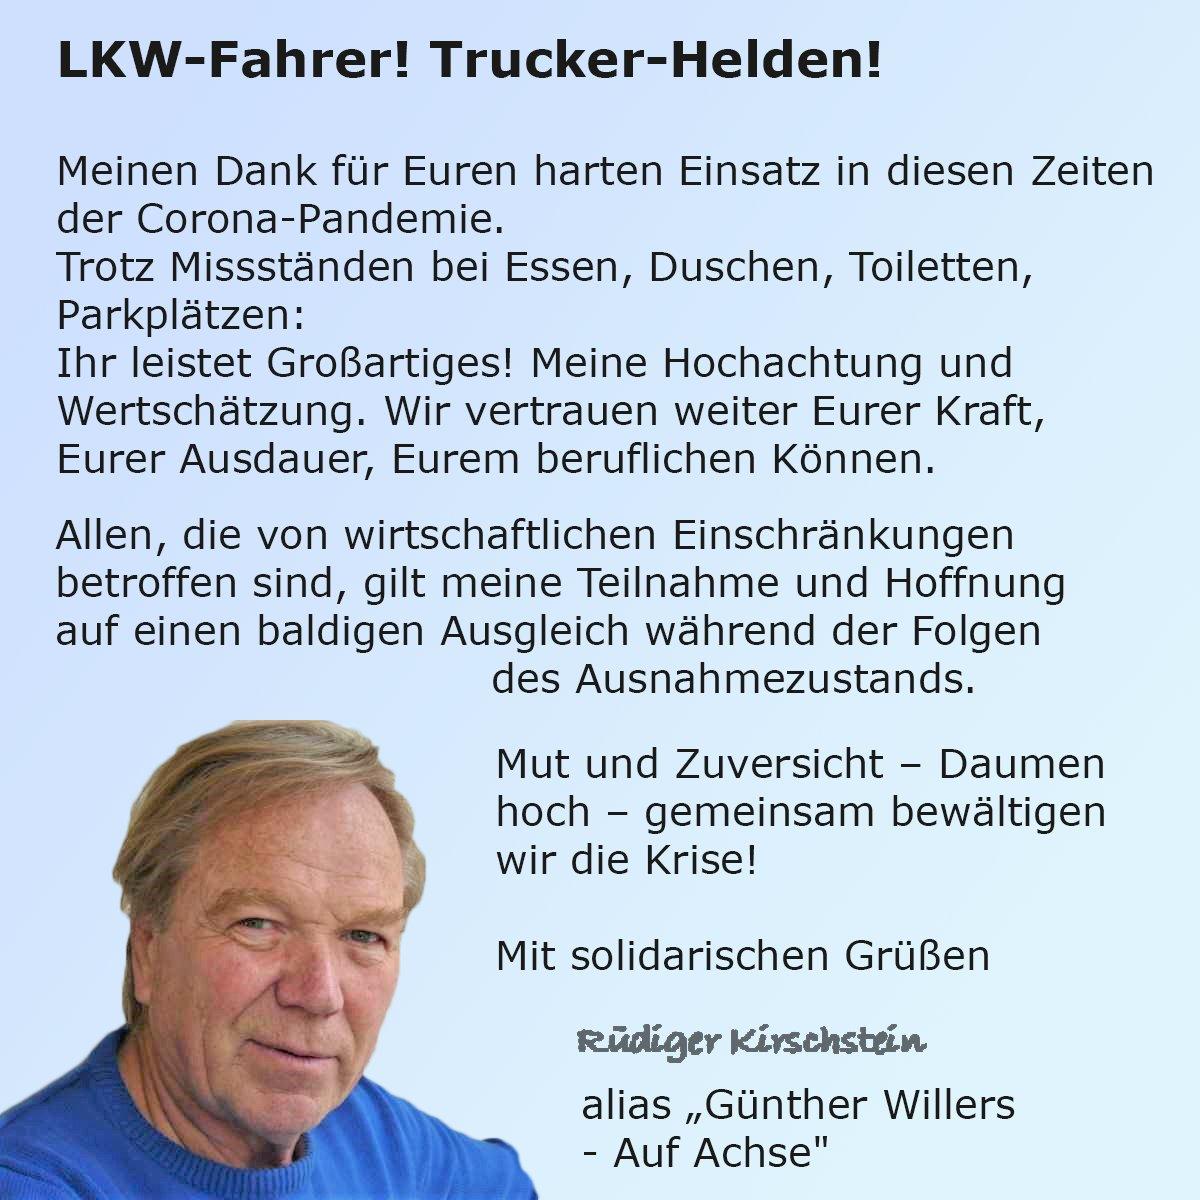 Aufbauende Worte, die uns zugekommen sind. Wer kennt Rüdiger Kirschstein (noch)? #AufAchse #Trucking #Solidaritätpic.twitter.com/DwZZN1gzAY